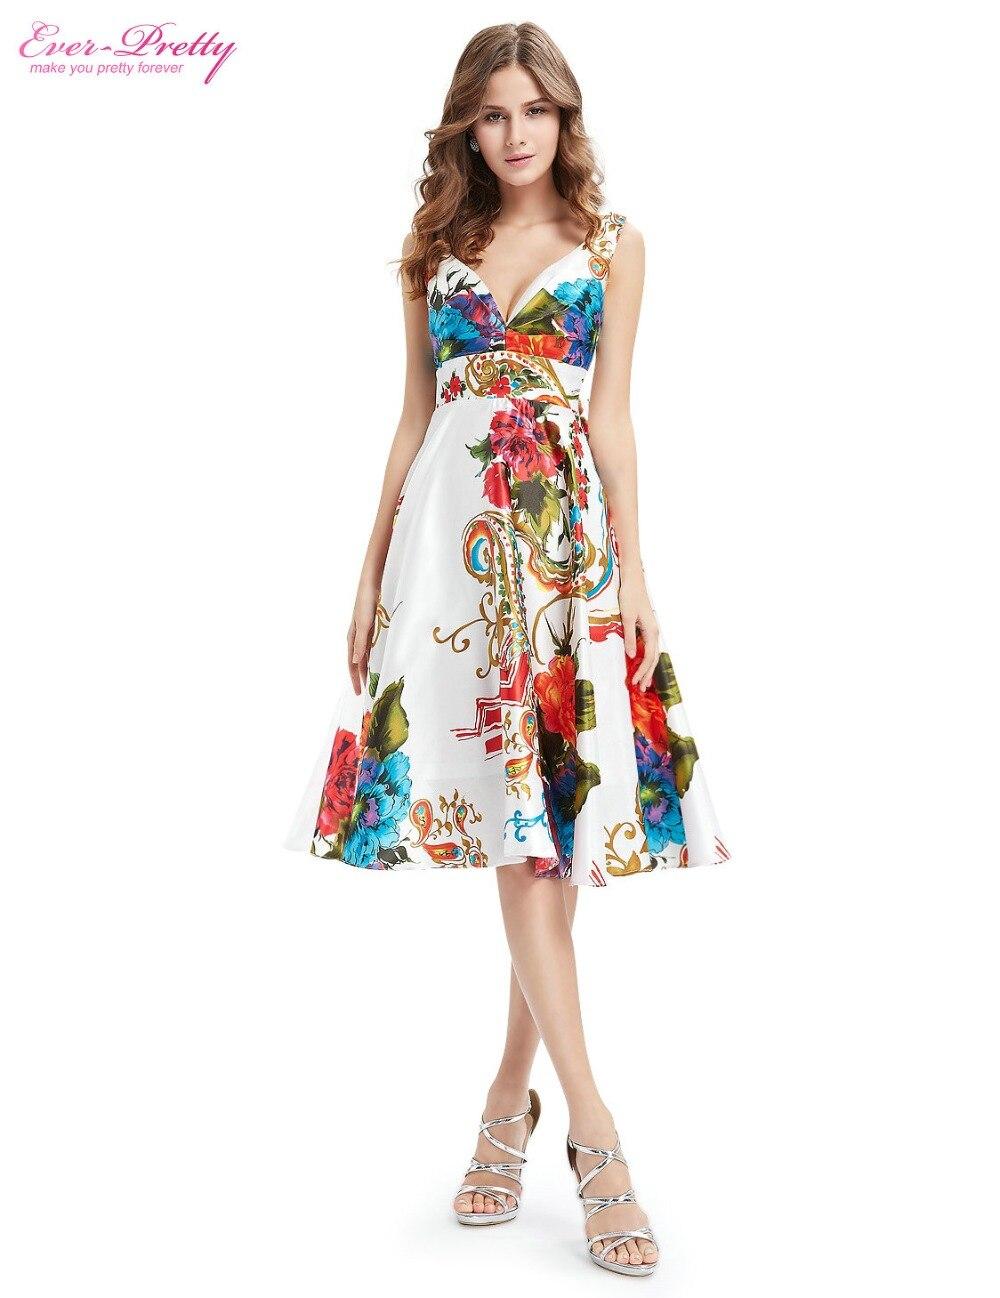 Cocktail     Dresses   EP03381 Ever Pretty Hot Sale Double V-neck Empire Line Floral Print Short Satin Women   Cocktail     Dresses   2018